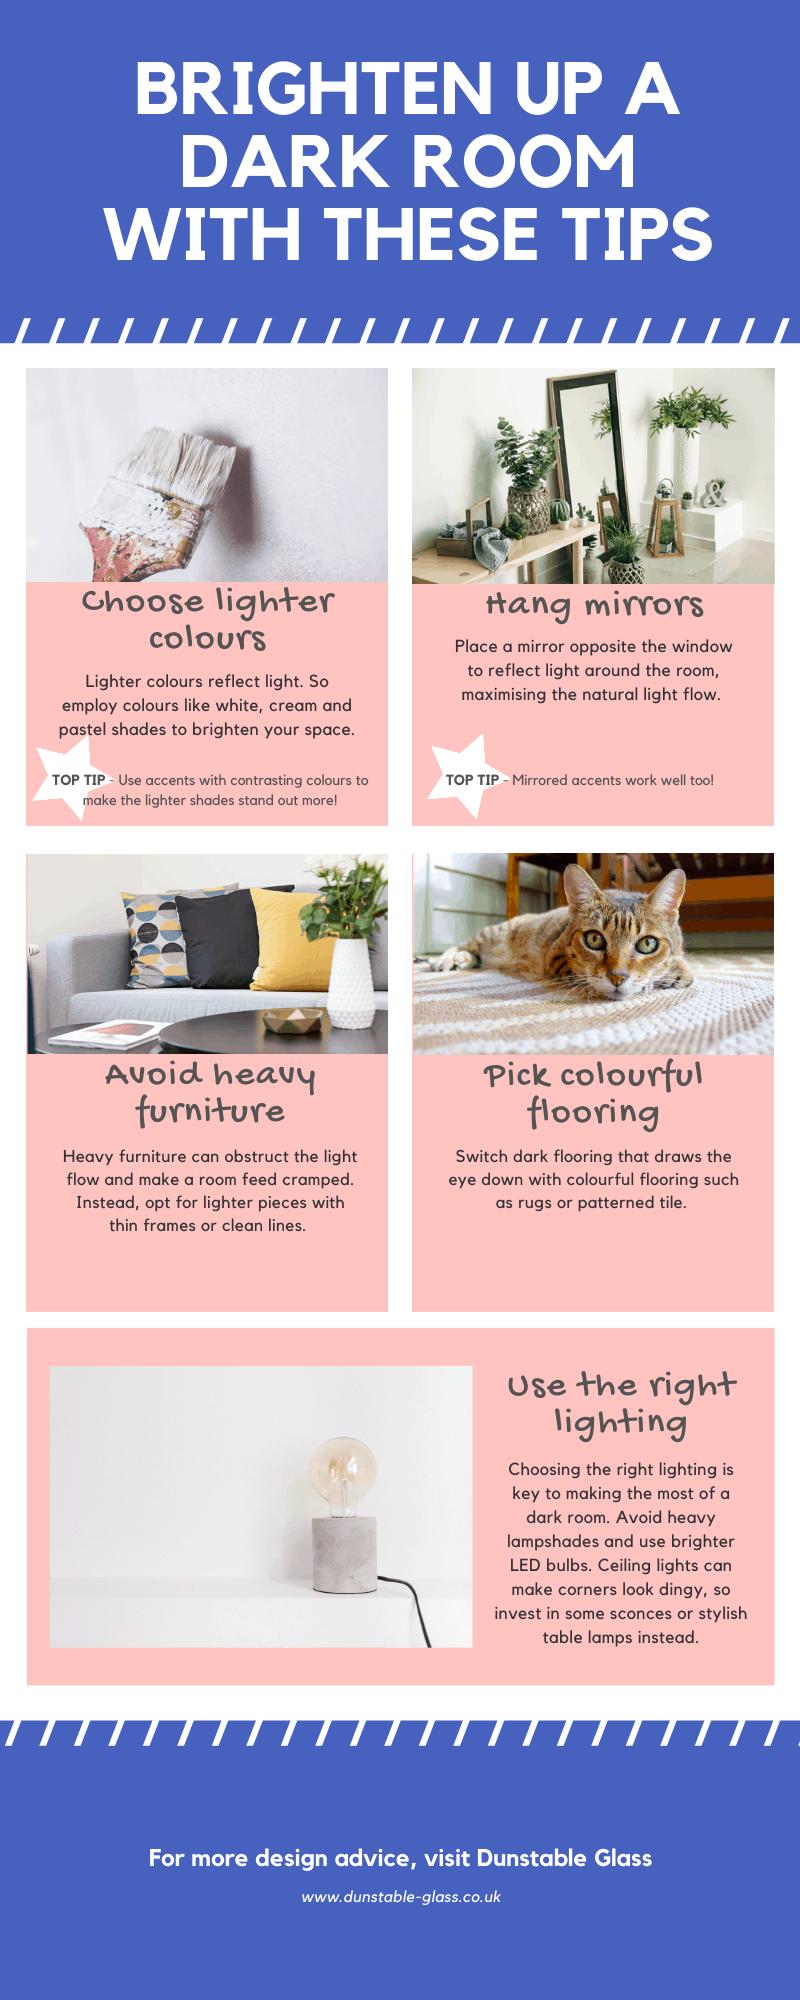 brighten up a dark room infographic